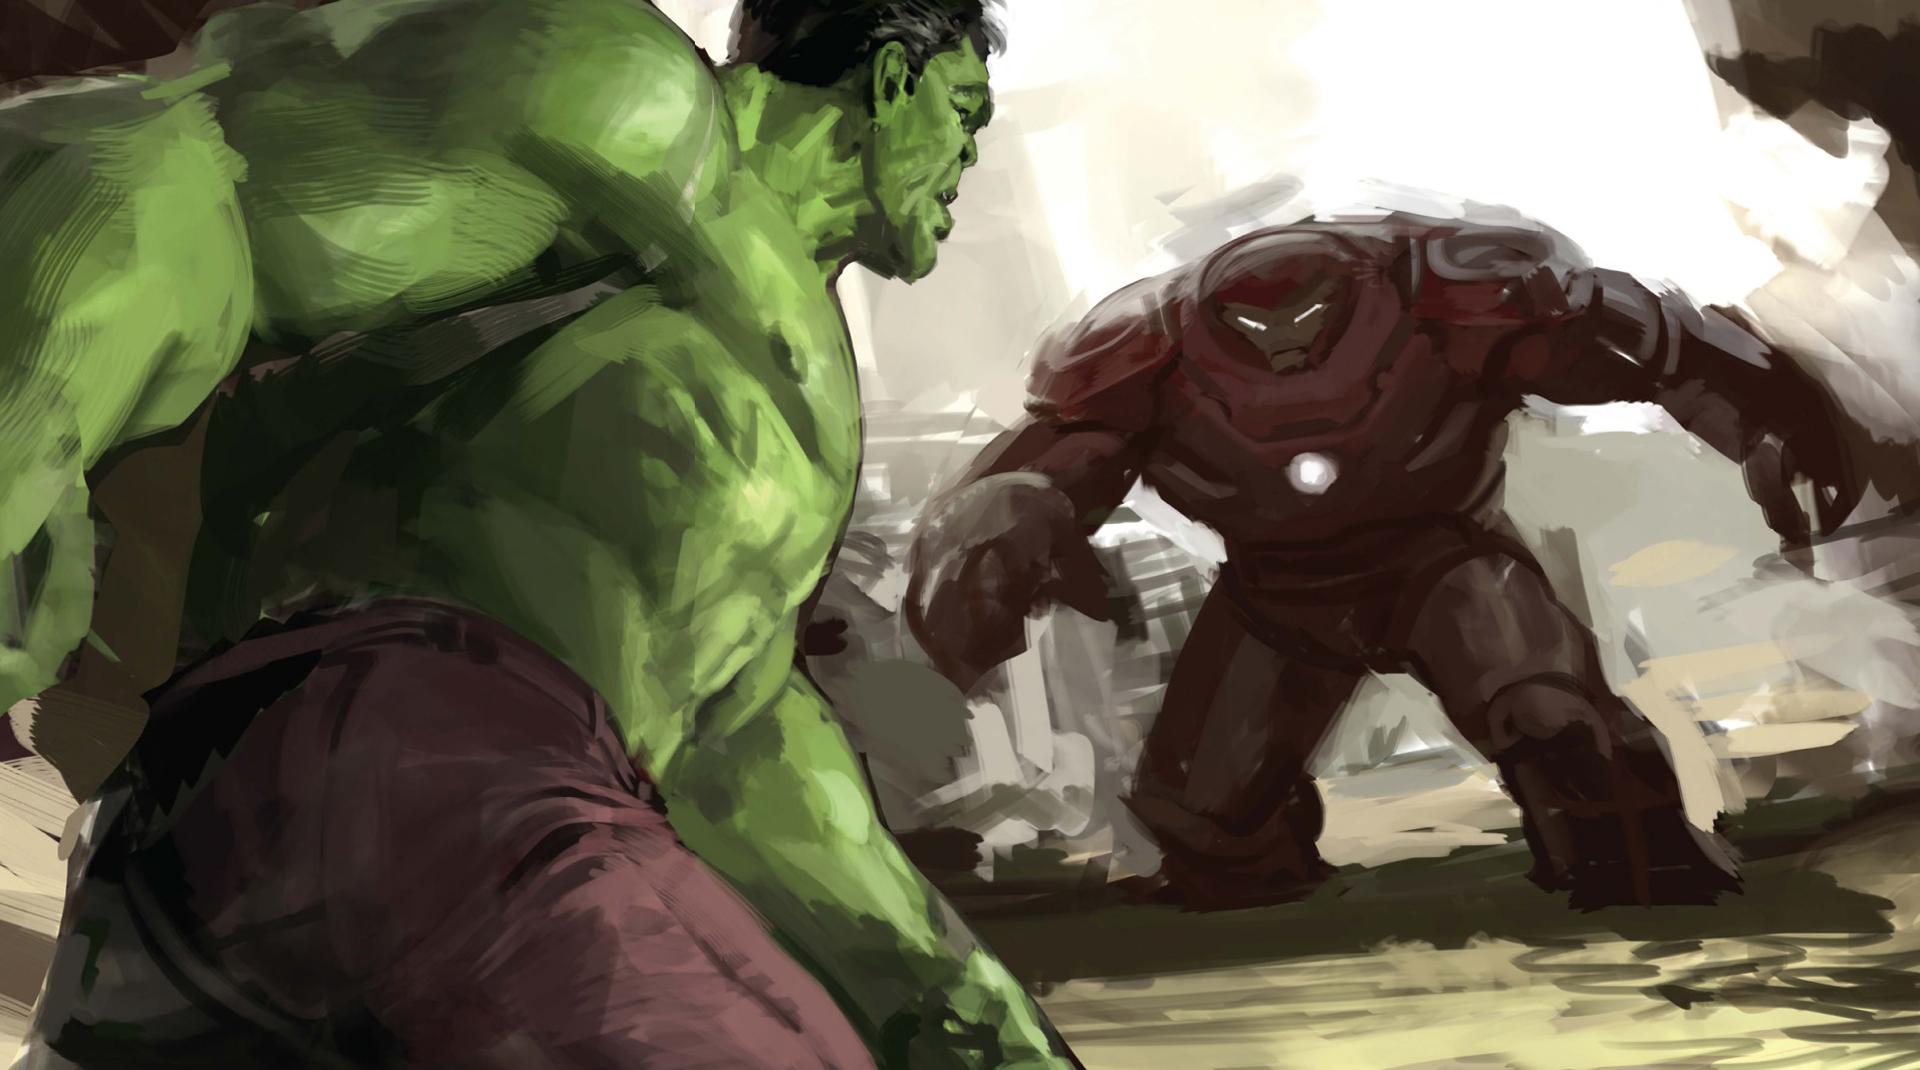 Iron Man 3d Wallpaper Android Hulk And Iron Hulkuster Artwork Hd Movies 4k Wallpapers